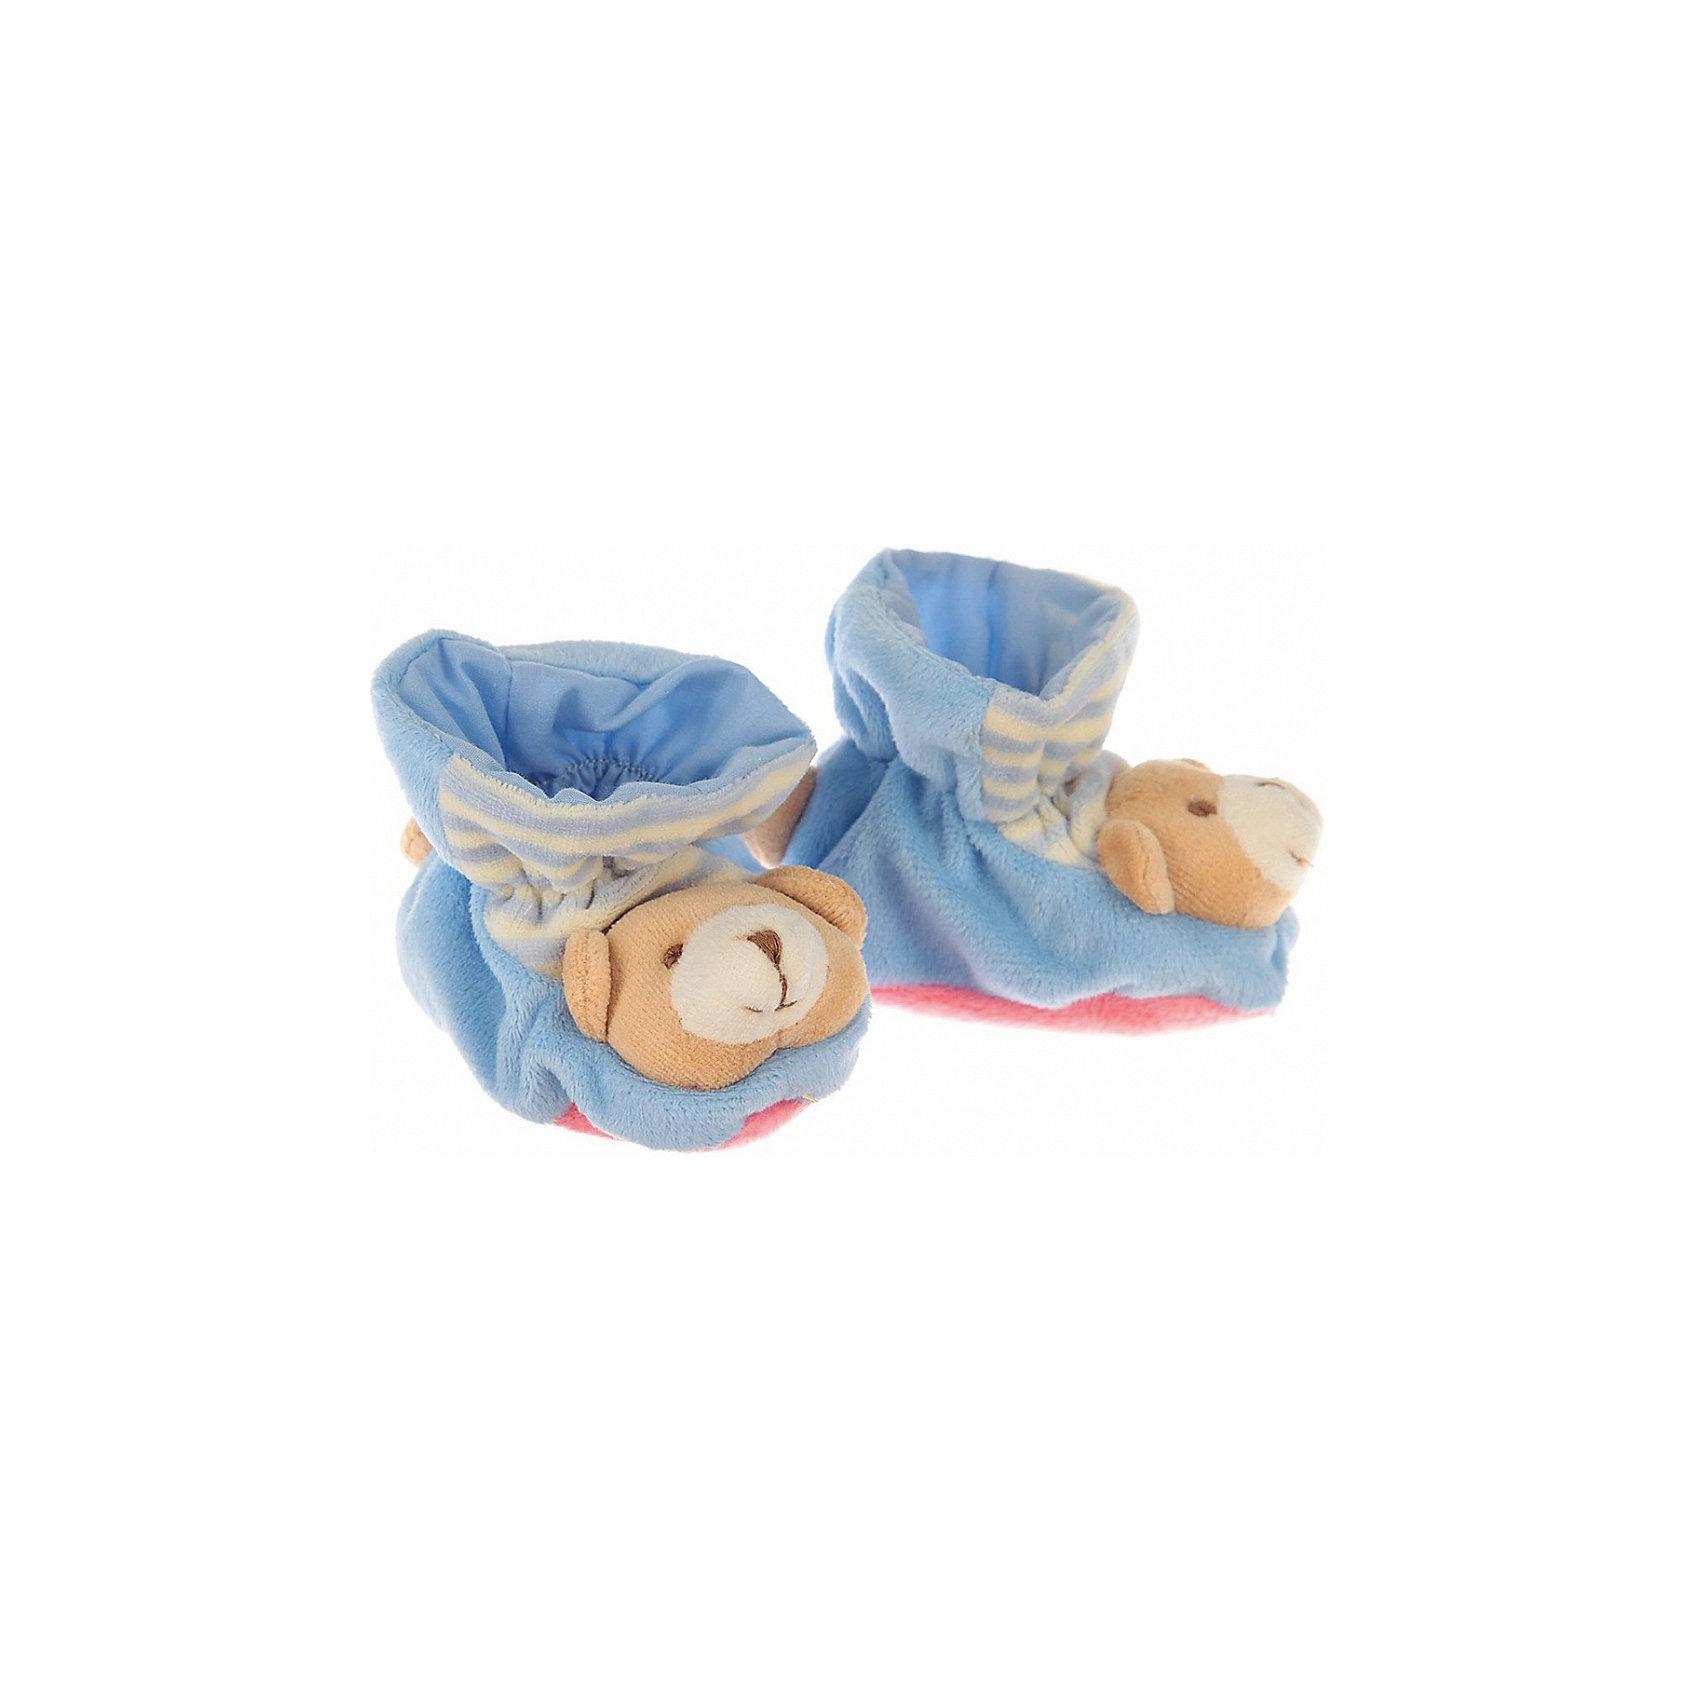 Пинетки с аппликацией Мишка, Baby Nice, голубойПинетки и царапки<br>Одежда, обувь и аксессуары для детей должны быть качественными и безопасными. Эти пинетки обеспечат ножкам малыша комфорт и тепло. Они украшены симпатичной мордочкой животного.<br>Пинетки сшиты из натуральной дышащей хлопчатобумажной ткани, приятной на ощупь. Она не вызывает аллергии, что особенно важно для малышей. Также материал обеспечит хорошую терморегуляцию. Ткань очень мягкая и теплая. Пинетки сделаны из высококачественных материалов, безопасных для ребенка.<br><br>Дополнительная информация:<br><br>цвет: голубой;<br>материал: 100% хлопок;<br>аппликация.<br><br>Пинетки с аппликацией Мишка от компании Baby Nice можно купить в нашем магазине.<br><br>Ширина мм: 100<br>Глубина мм: 60<br>Высота мм: 30<br>Вес г: 200<br>Возраст от месяцев: 0<br>Возраст до месяцев: 36<br>Пол: Унисекс<br>Возраст: Детский<br>SKU: 4941763